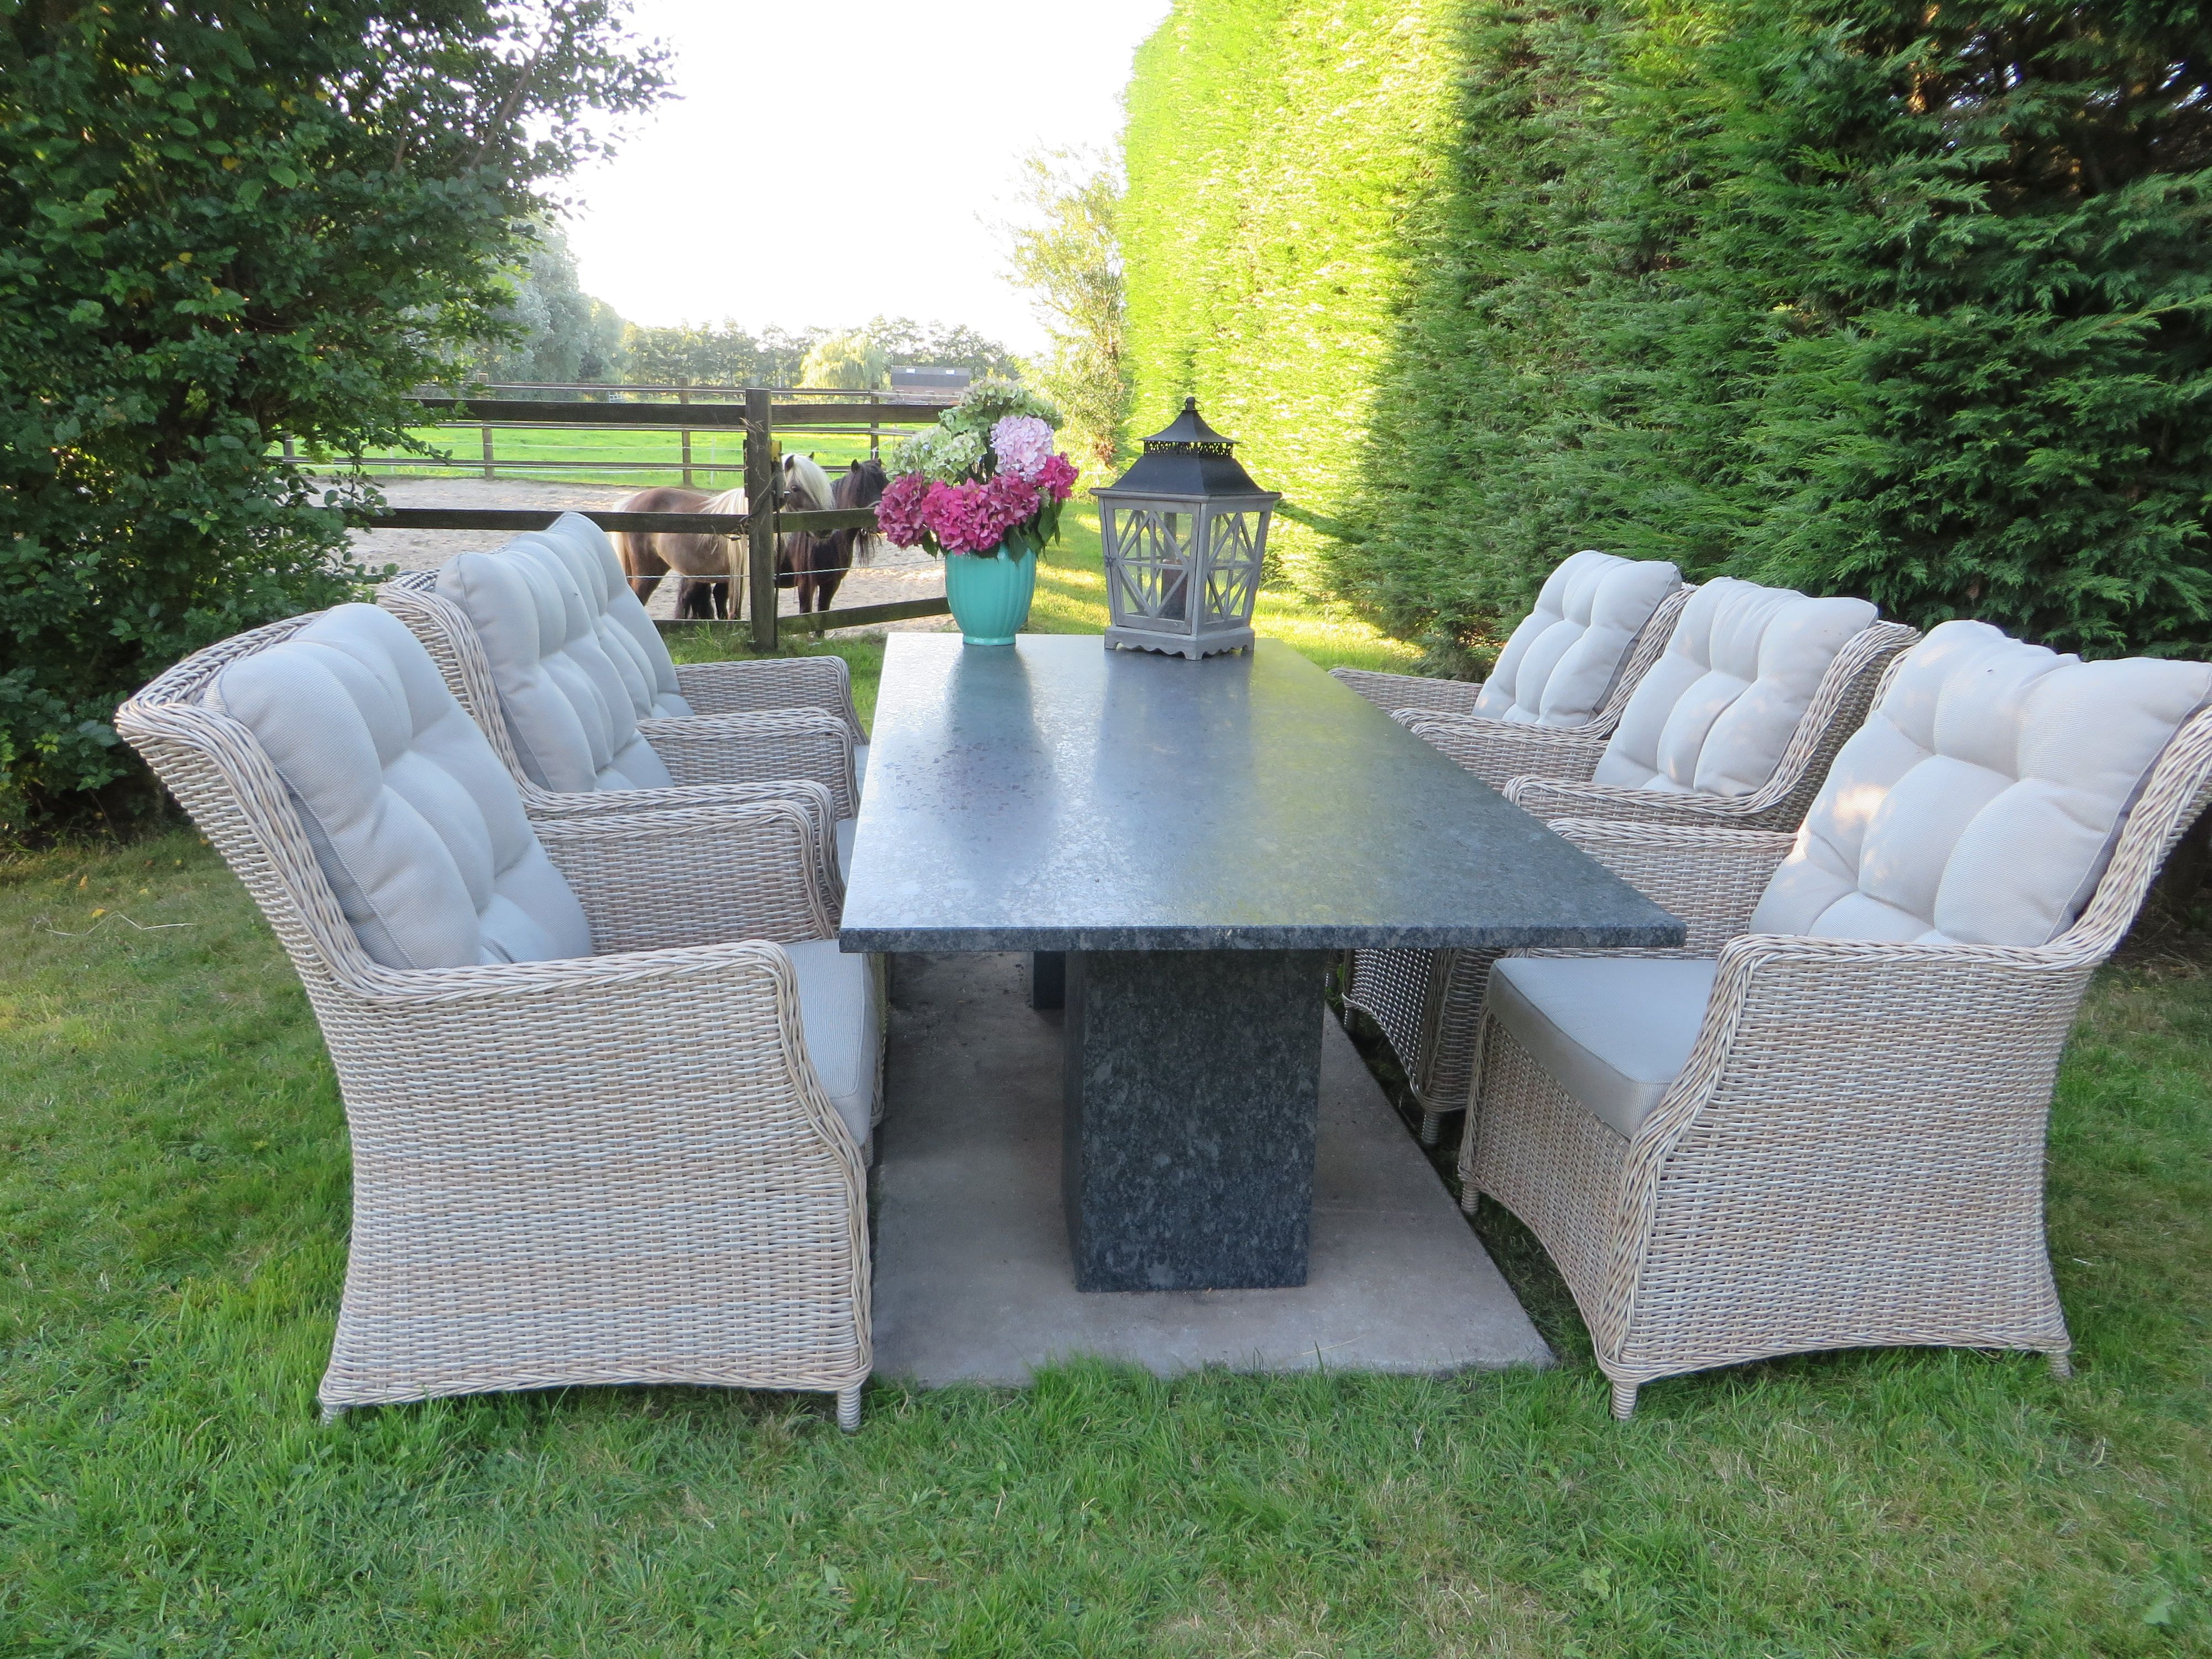 Tuinset met tafel van graniet met zes ruime gevlochten stoelen